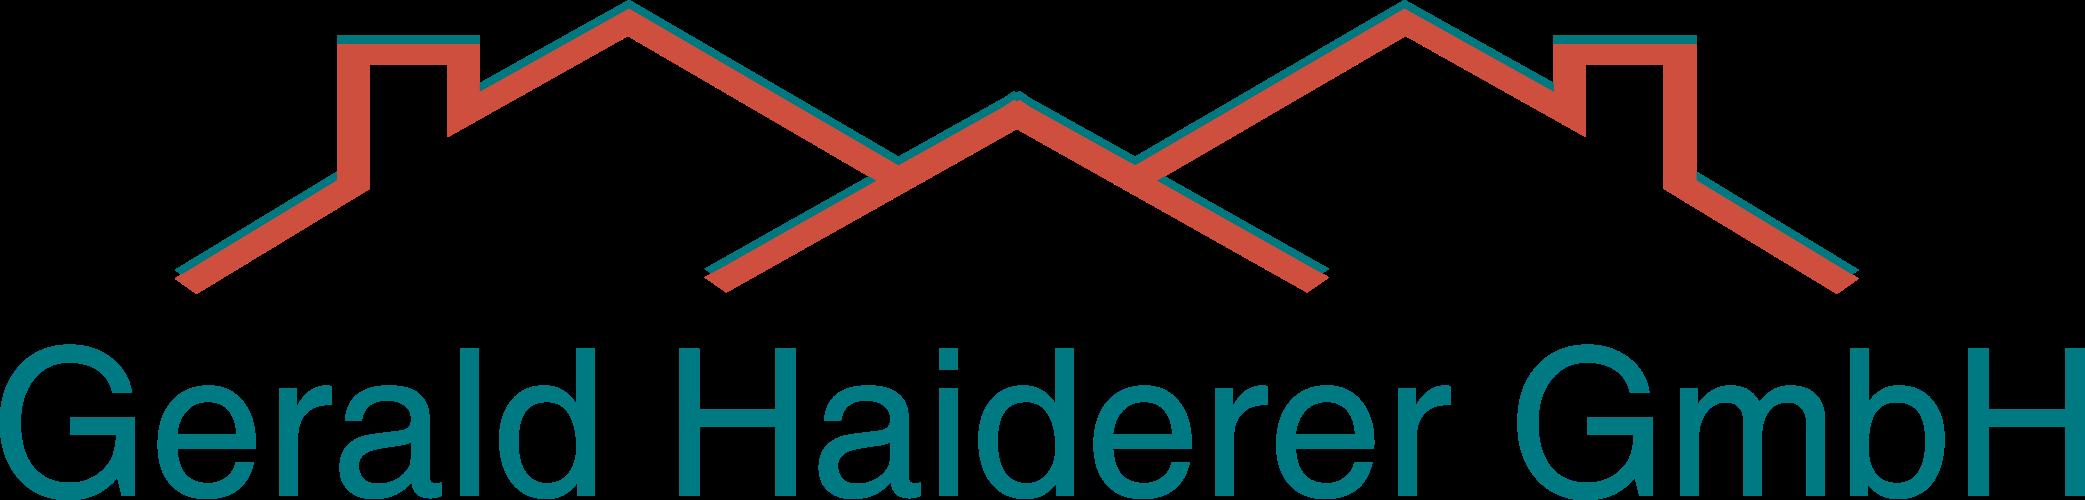 Gerald Haiderer GmbH